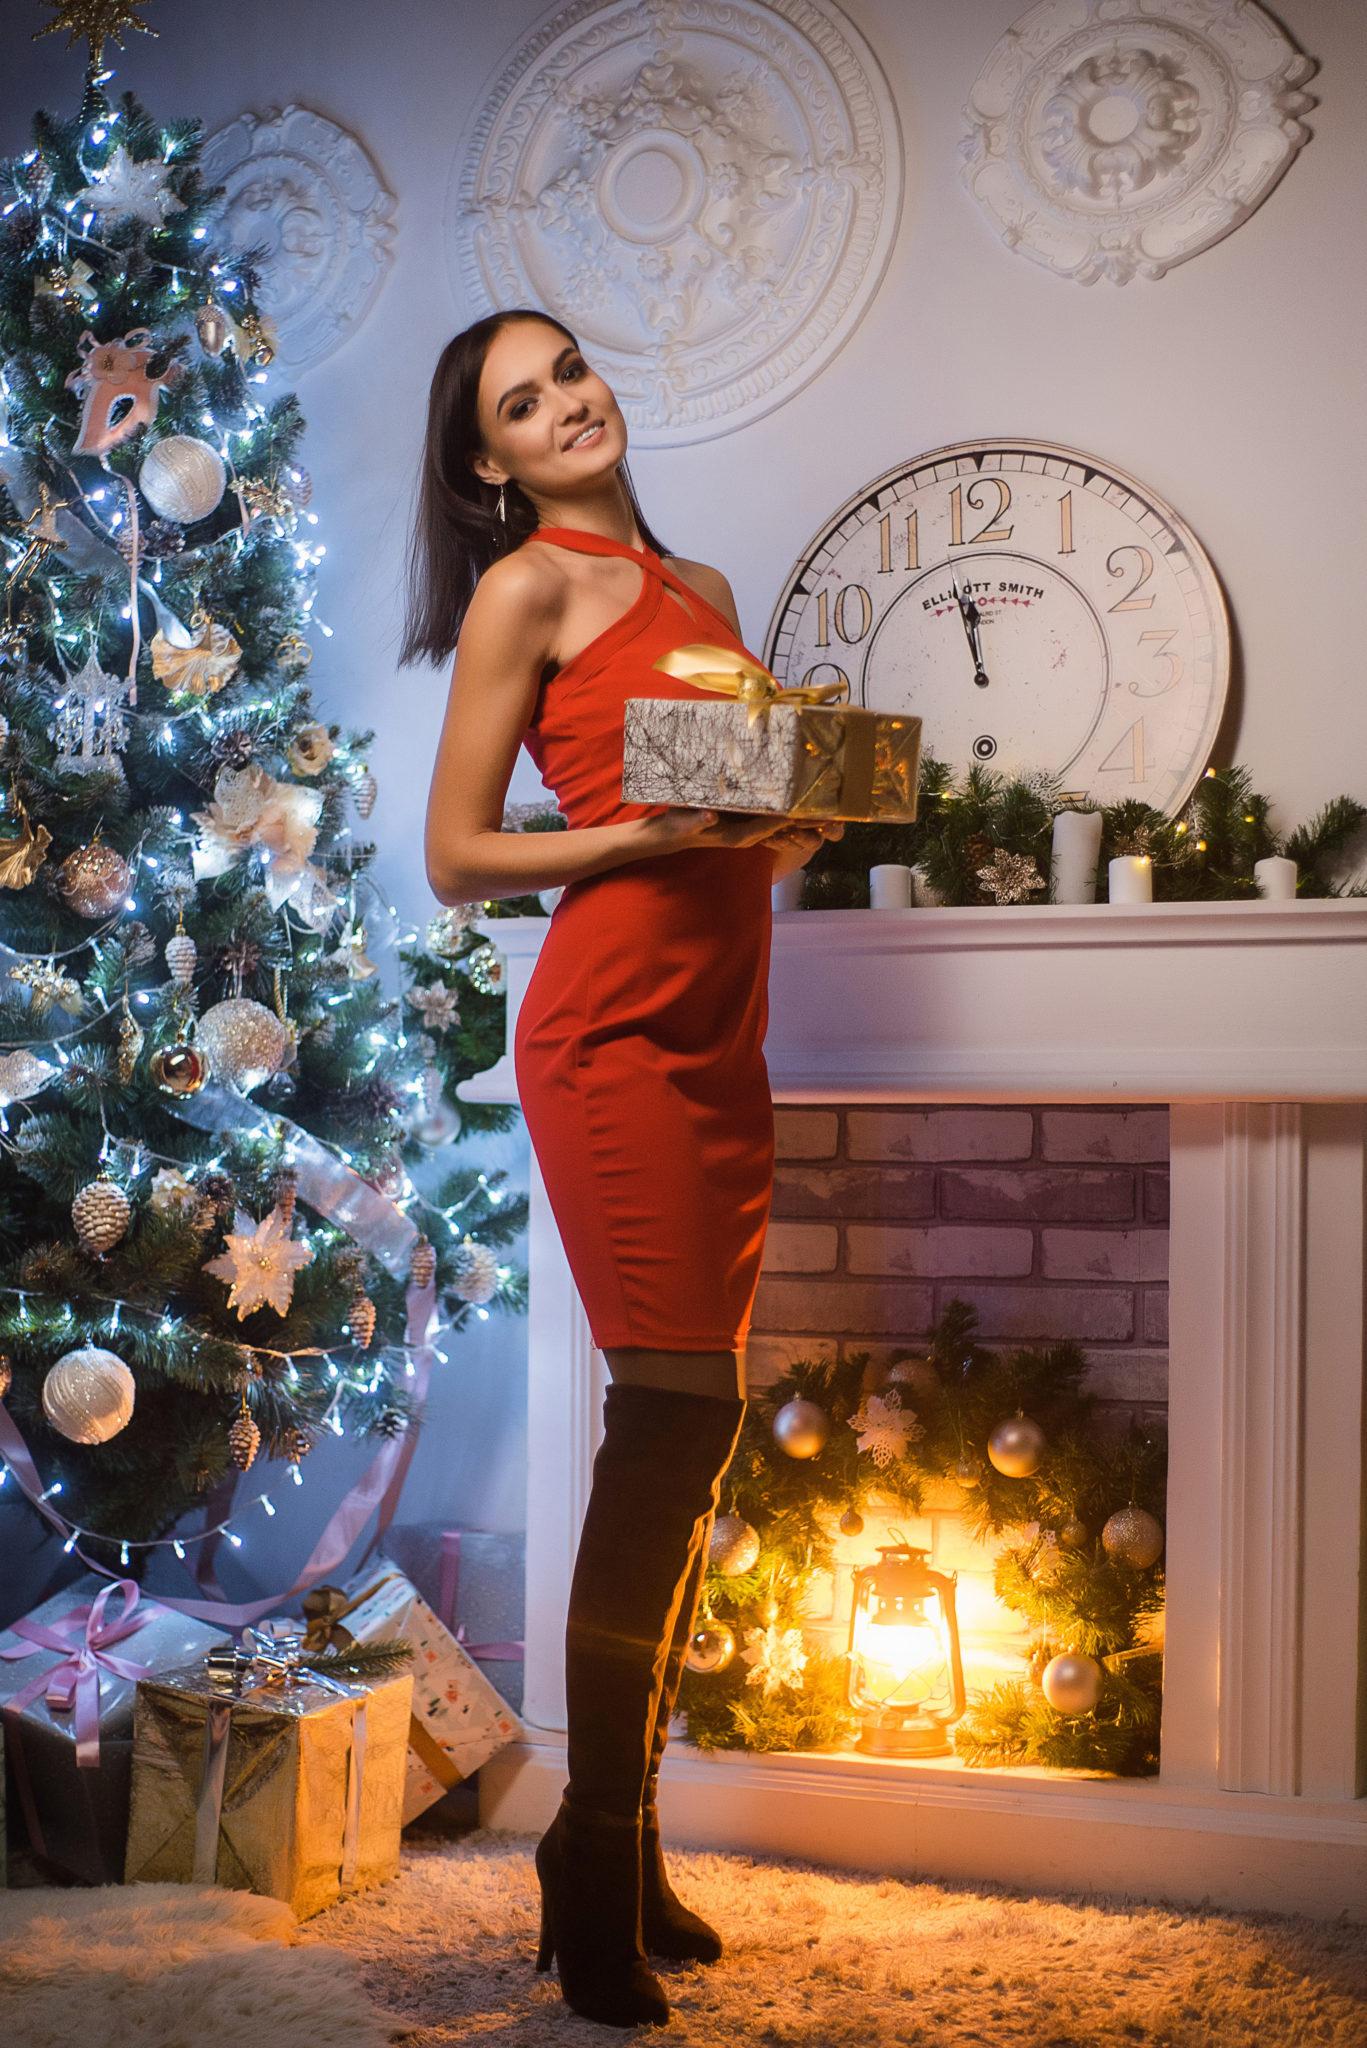 Новогодняя фотосессия, девушка в красном платье с подарком в руках на фоне елки